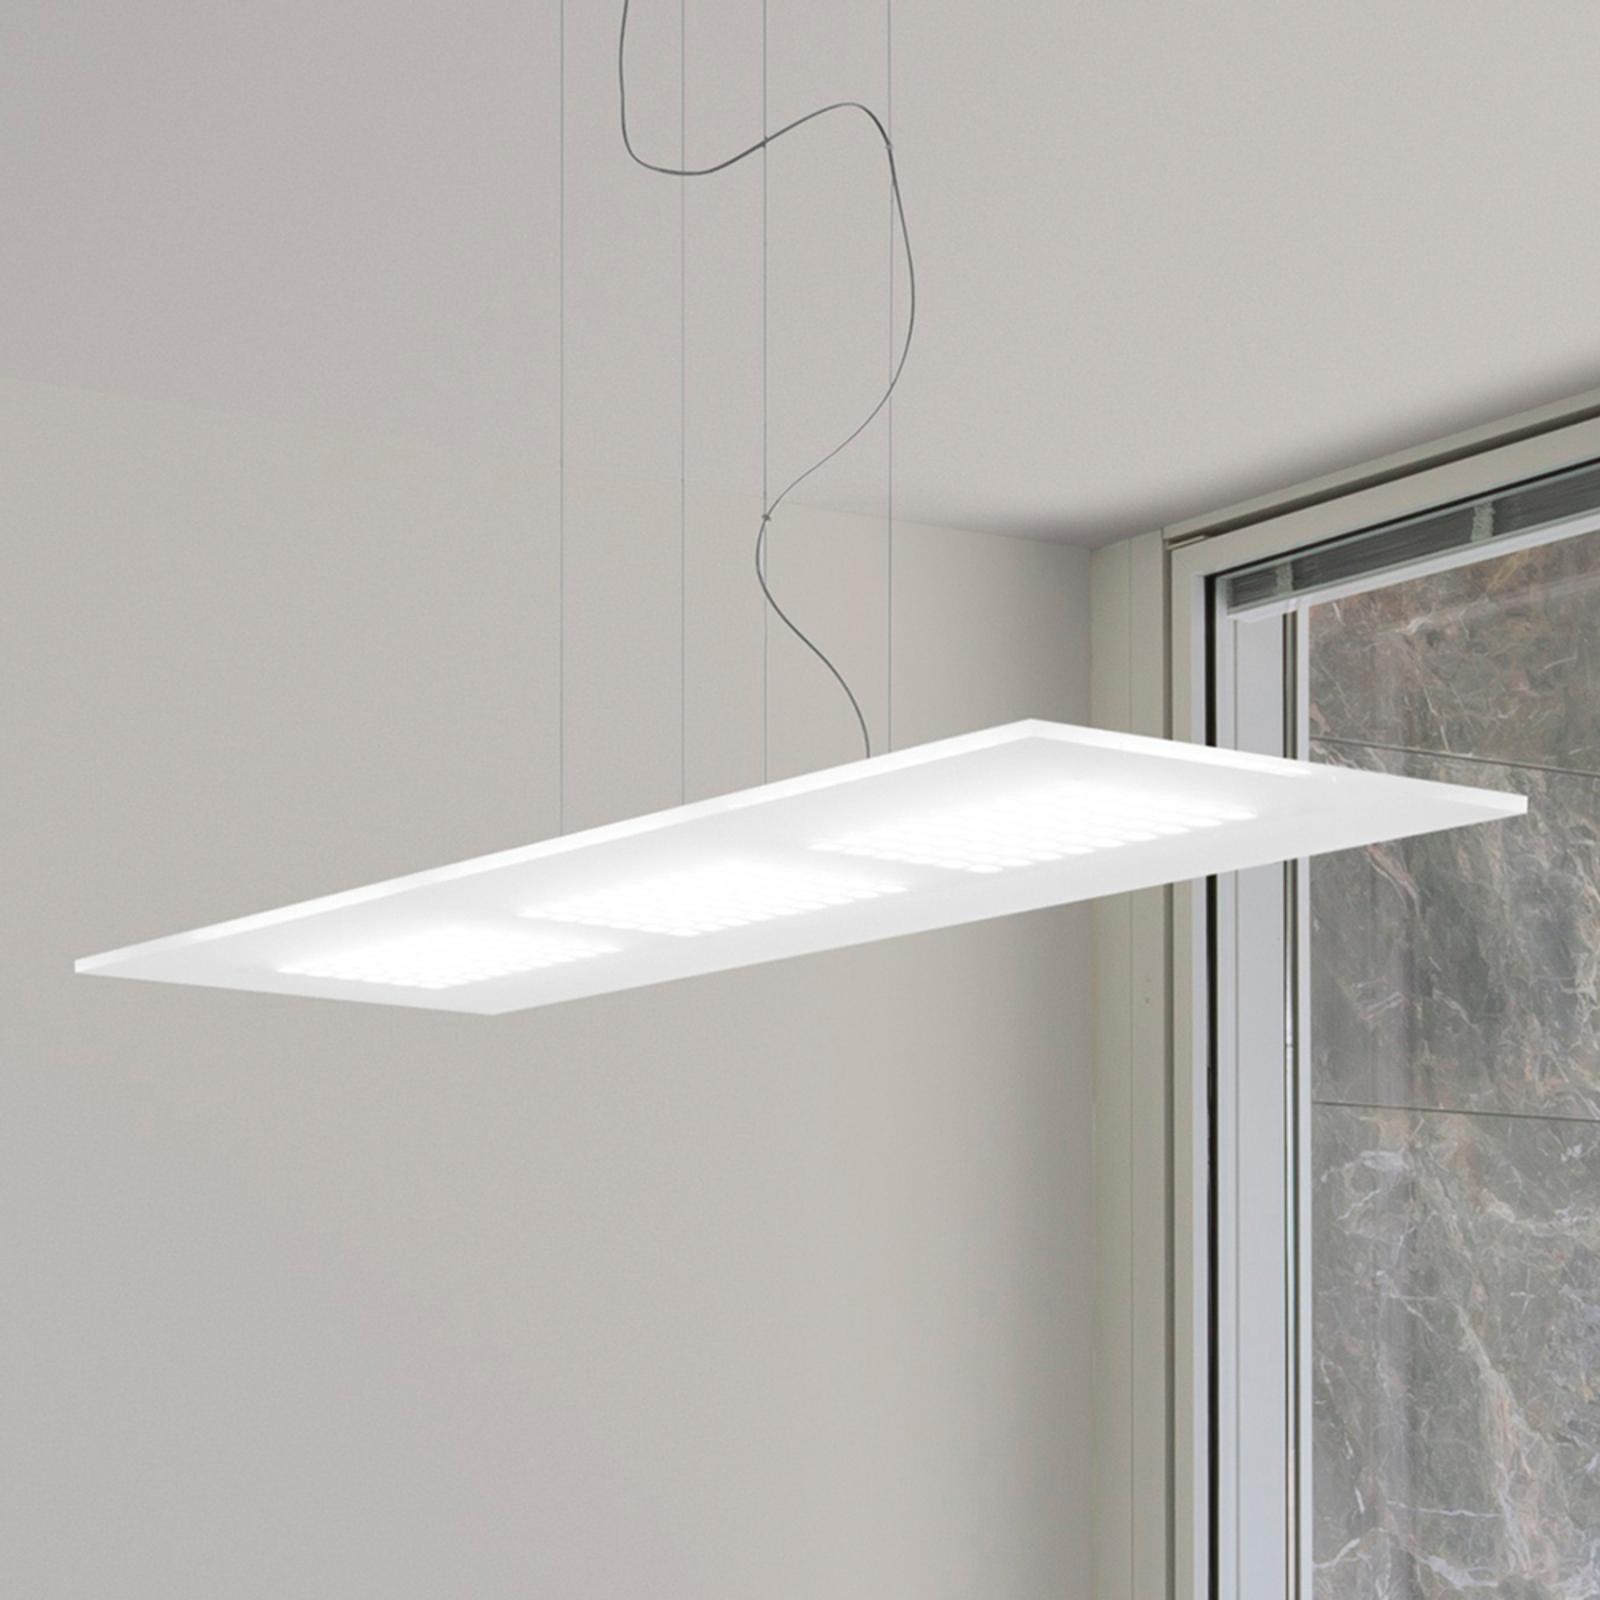 Lichtstarke LED-Pendelleuchte Dublight